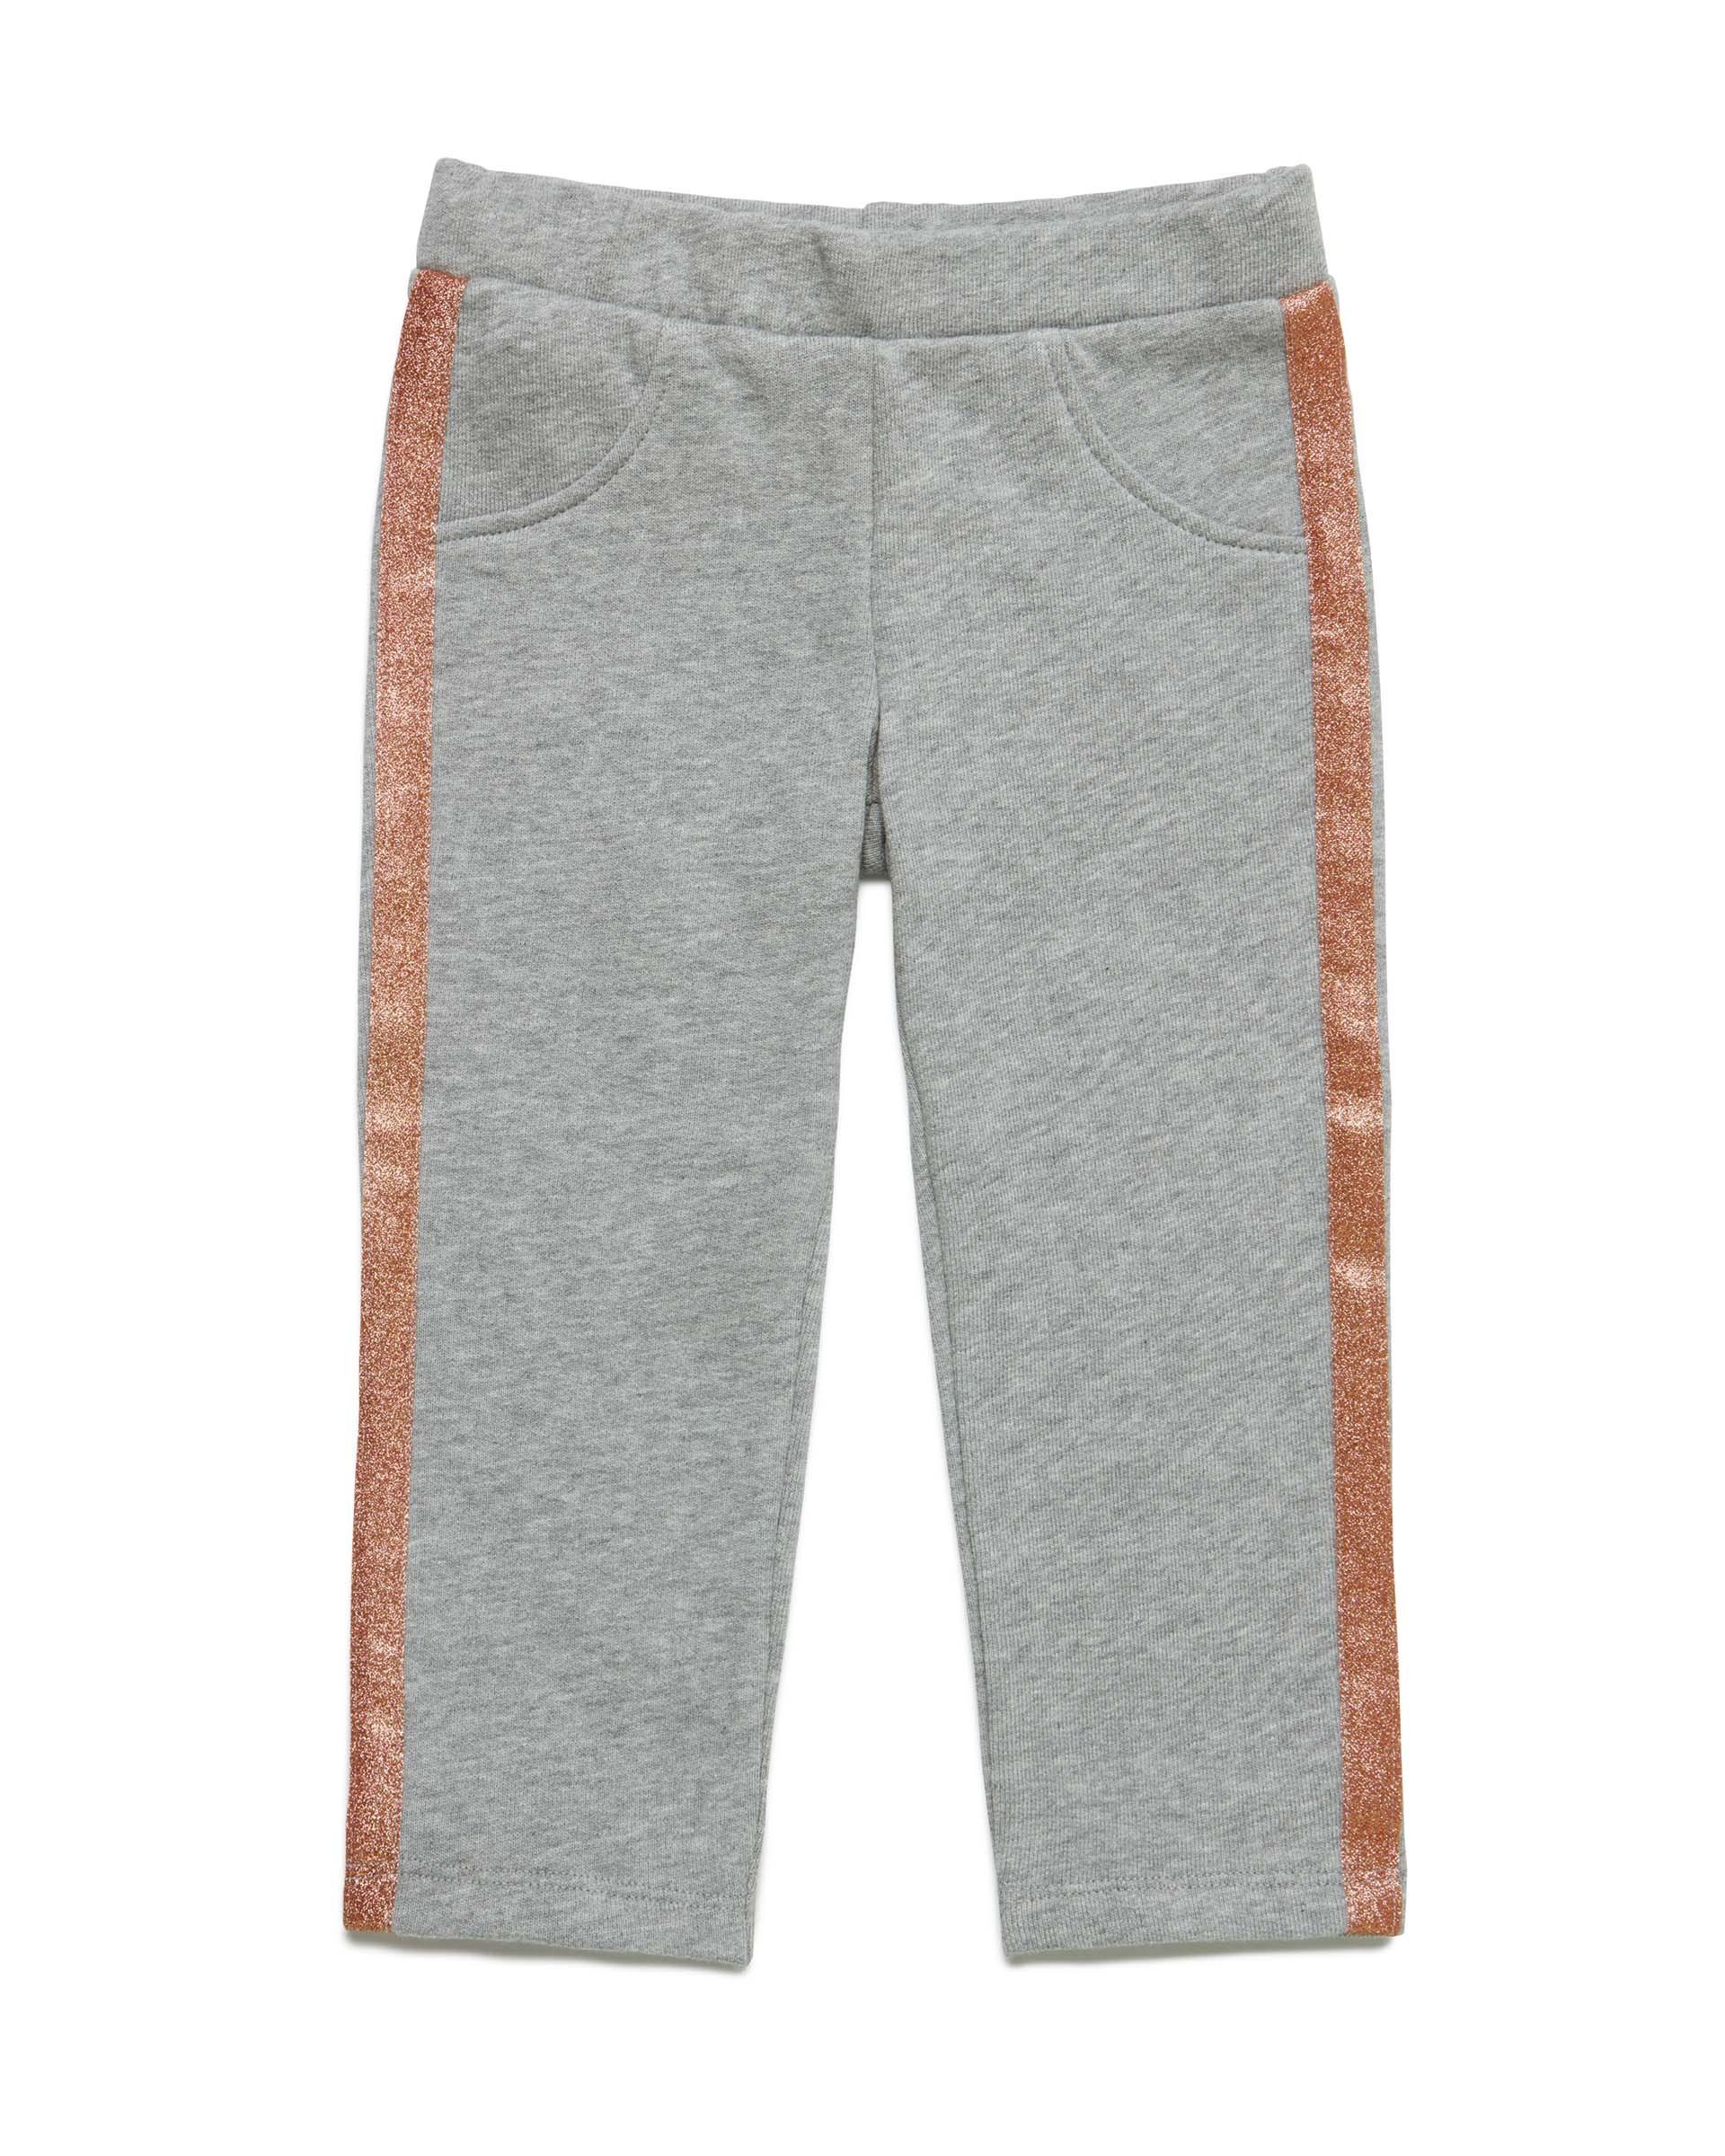 Купить 20P_3J68I02DP_501, Спортивные брюки для девочек Benetton 3J68I02DP_501 р-р 92, United Colors of Benetton, Шорты и брюки для новорожденных